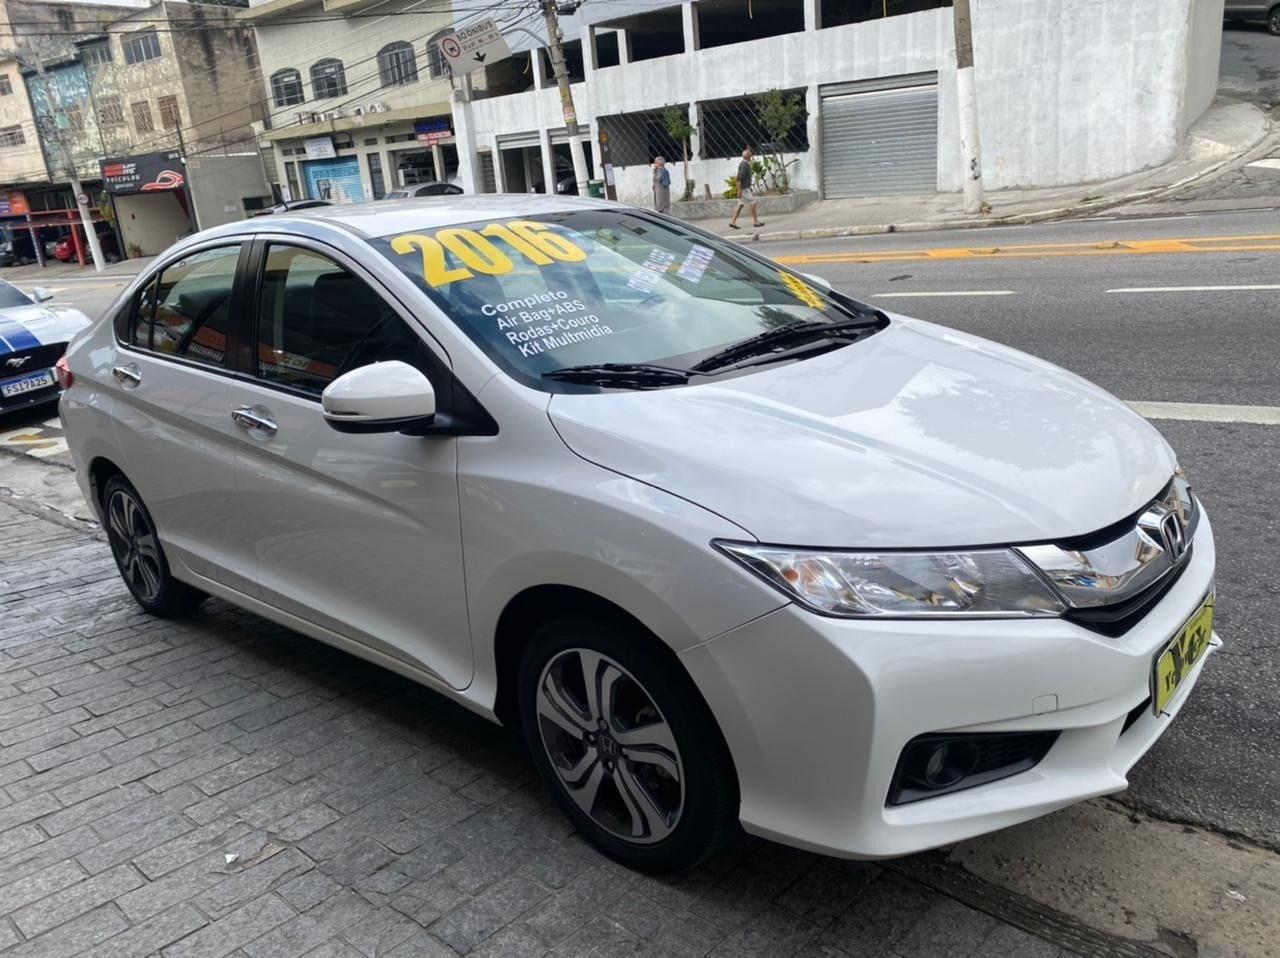 //www.autoline.com.br/carro/honda/city-15-ex-16v-flex-4p-cvt/2016/sao-paulo-sp/14855414